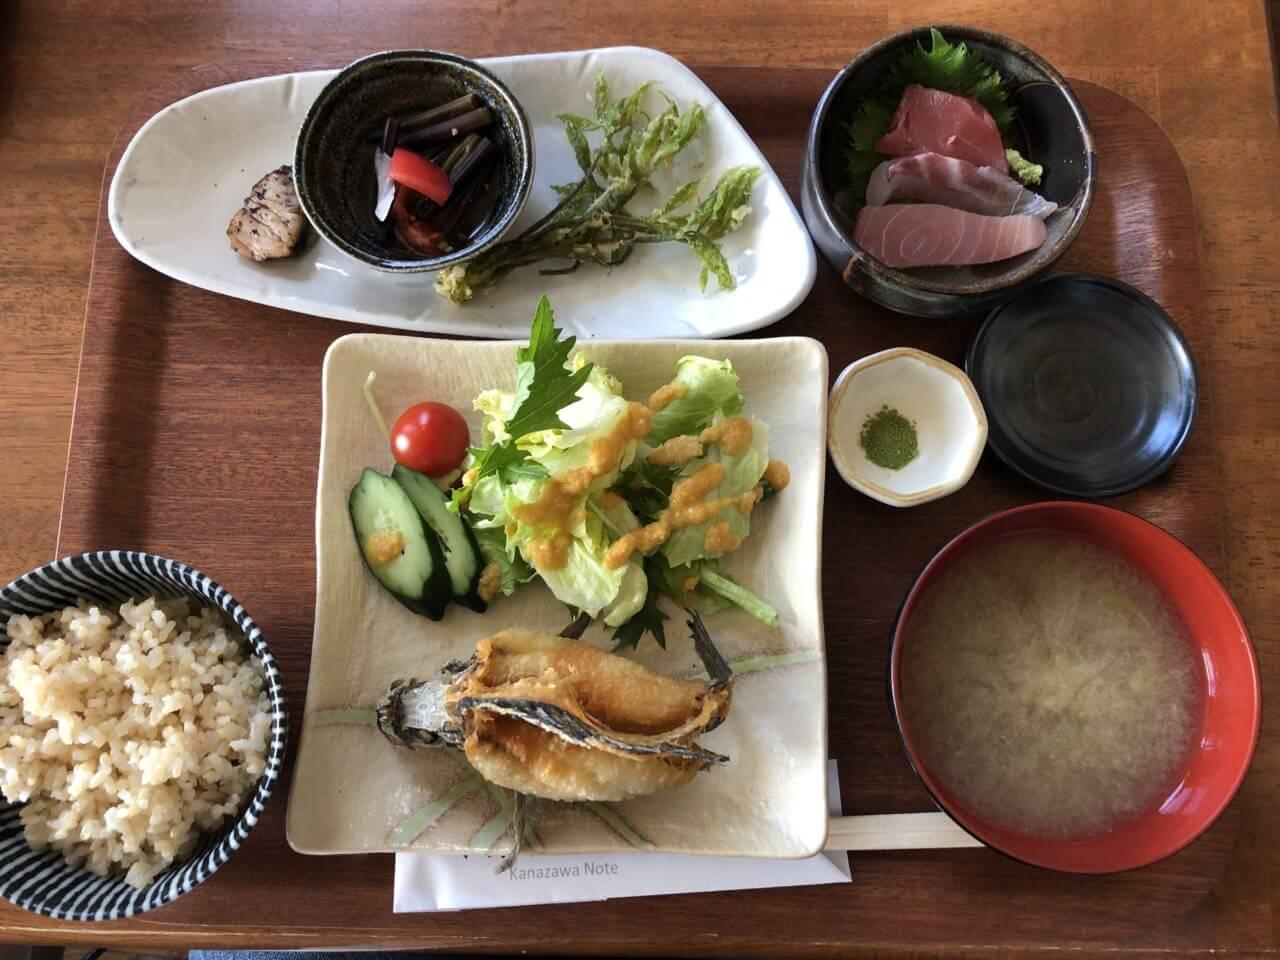 DiningBarかなざわのおと_日替り魚ランチ